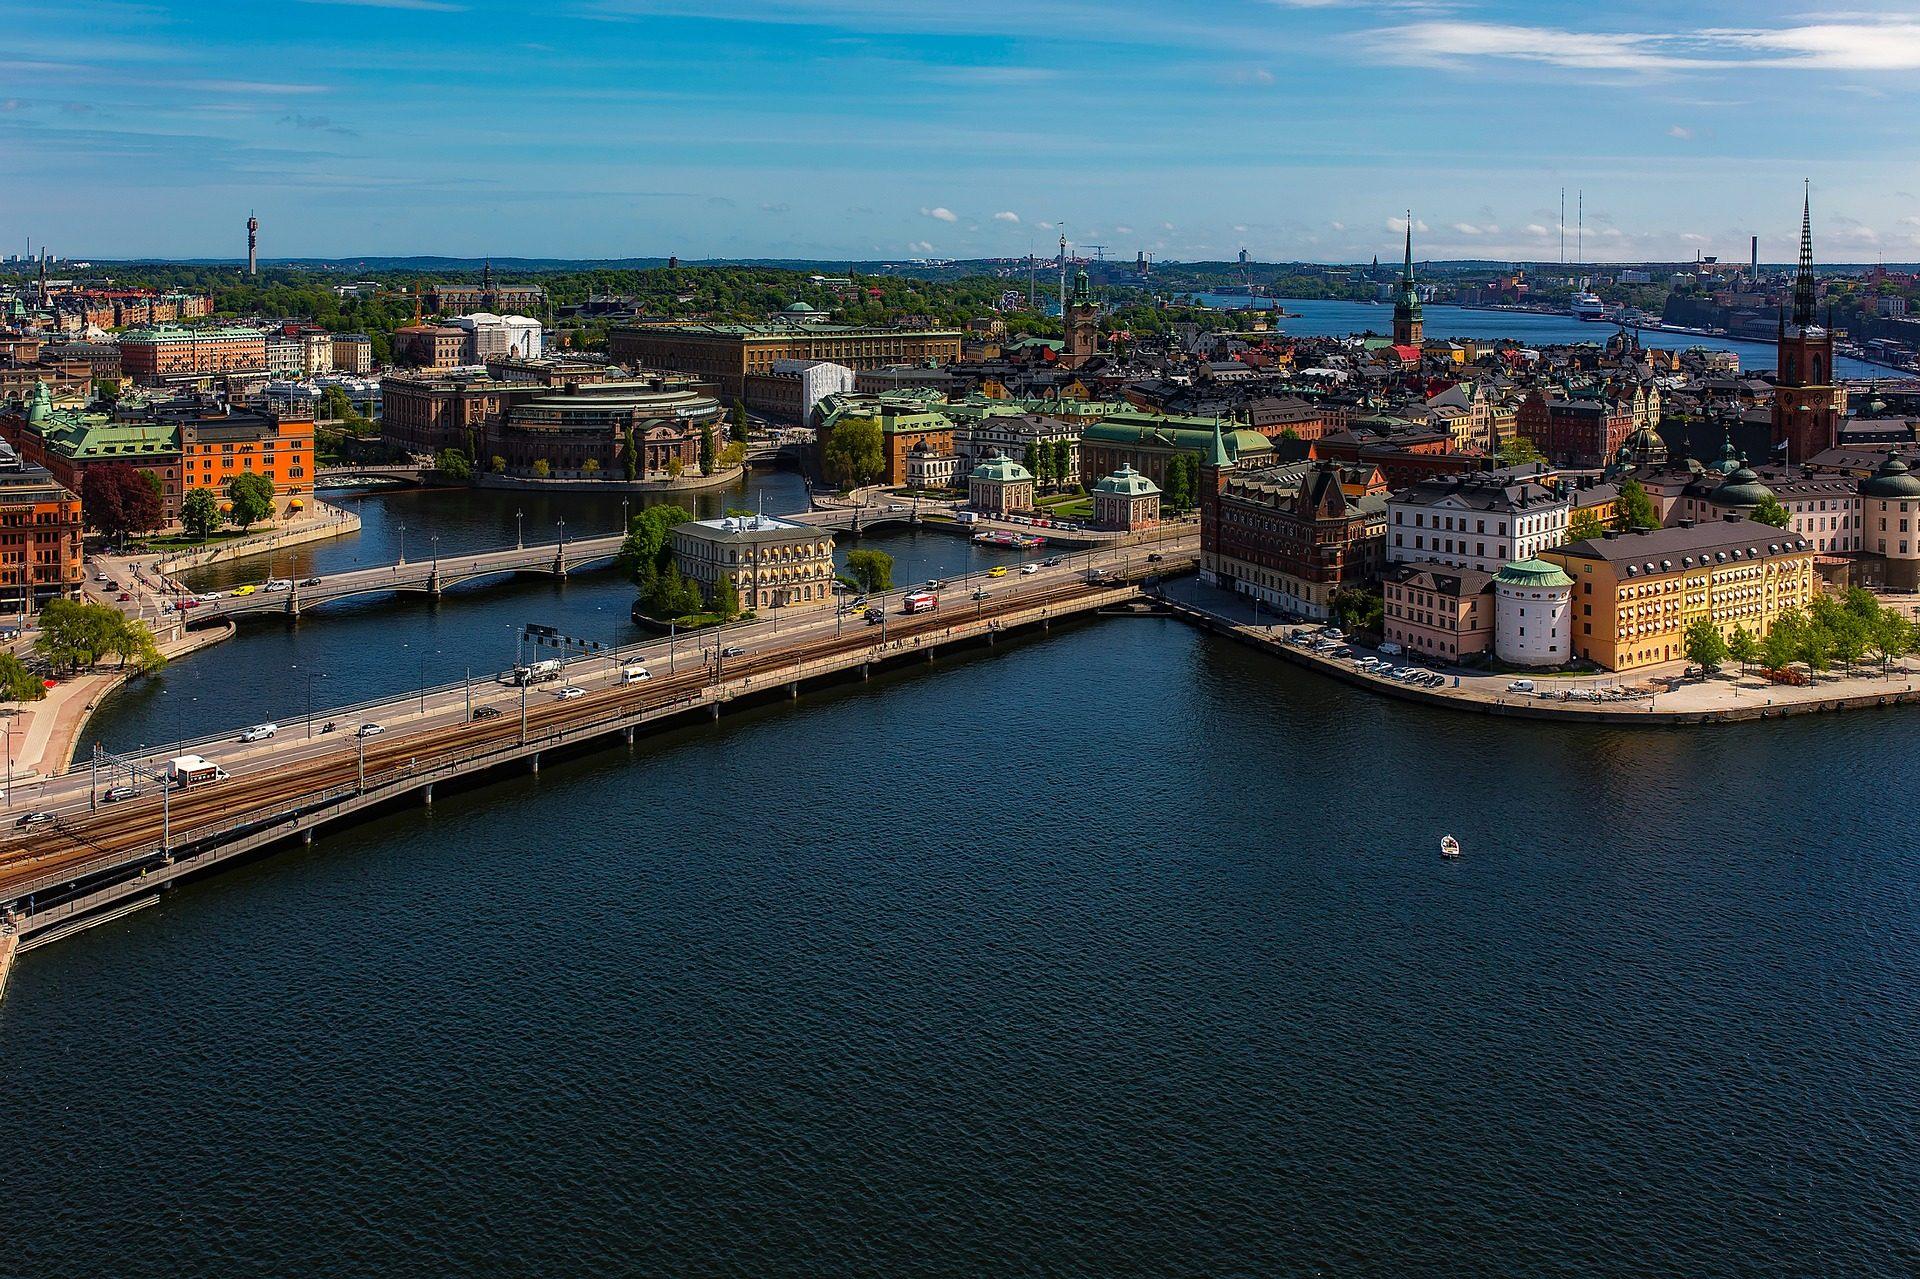 Günstig nach Stockholm Flug günstig ab 9,99€ - Städtetrip billig